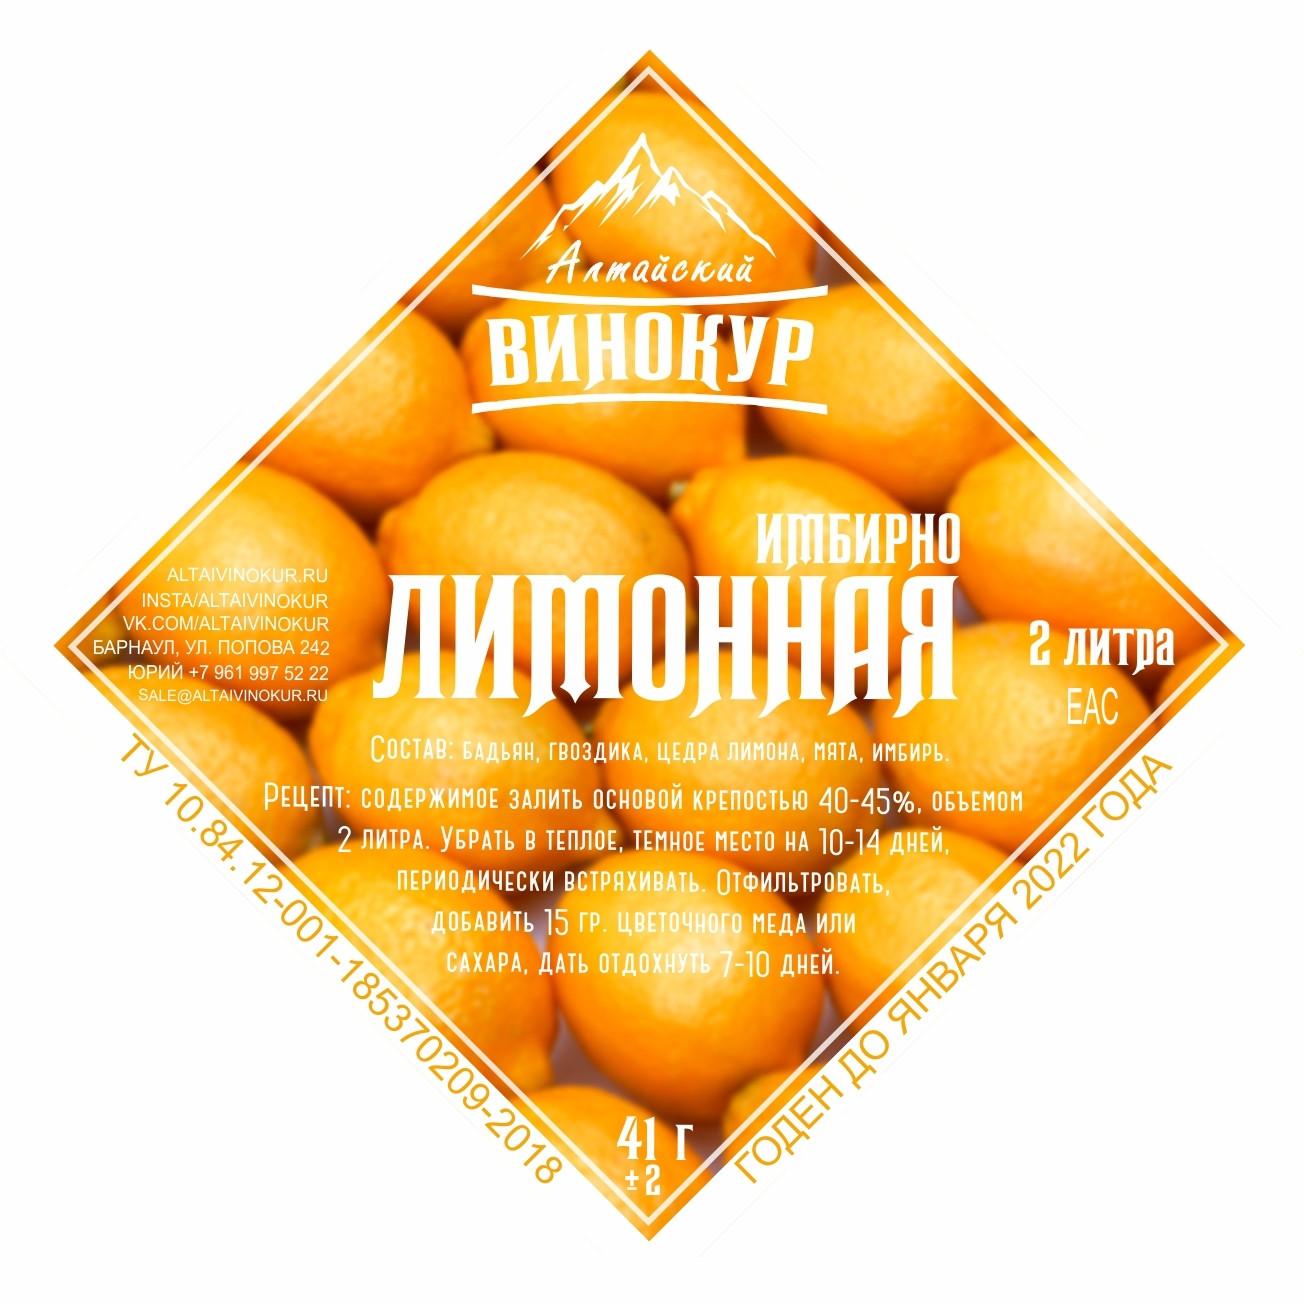 """Набор для настаивания """"Настойка имбирно-лимонная"""" (Алтайский винокур)"""